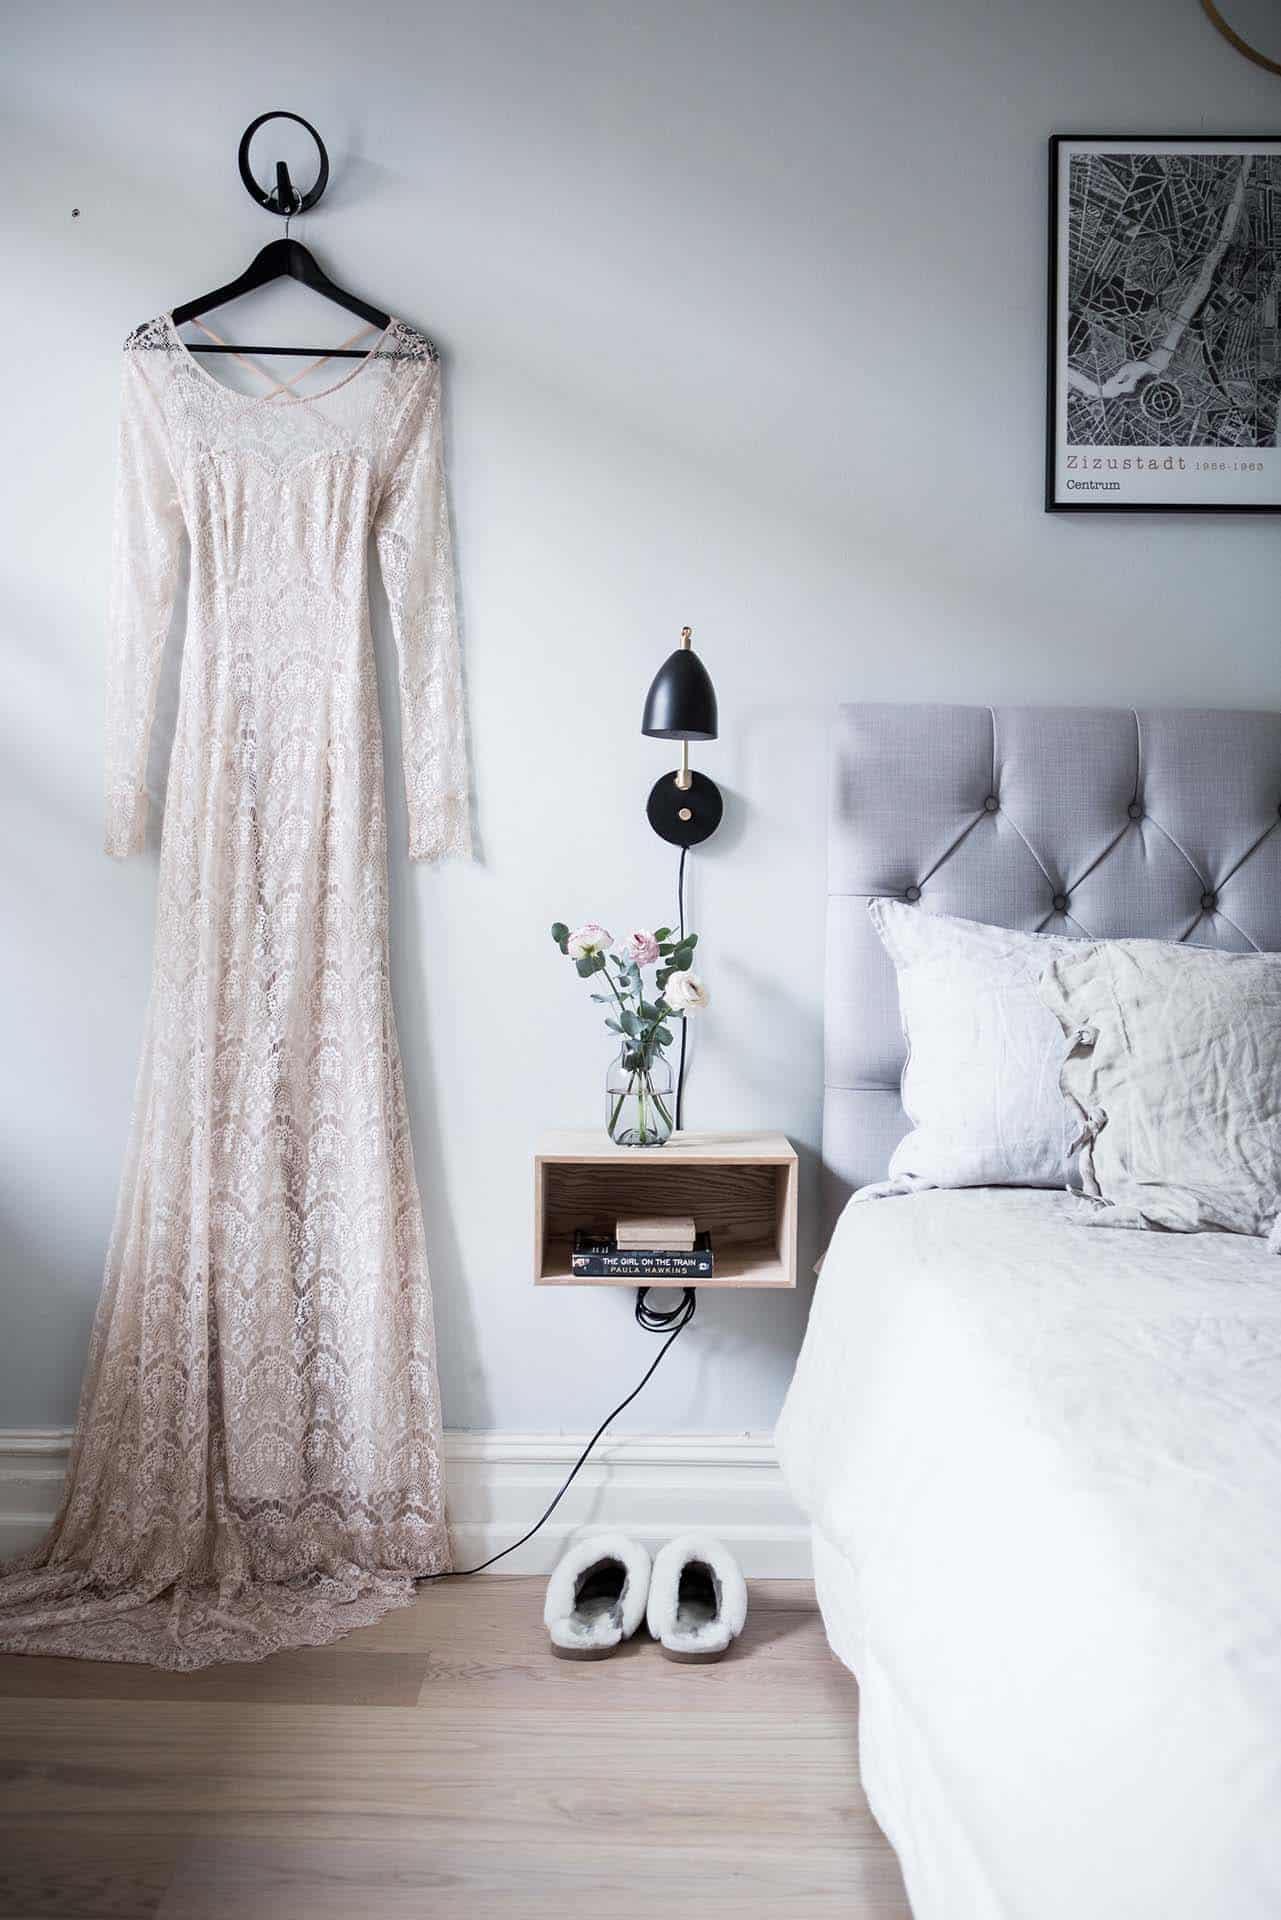 Scandinavian Apartment Home-11-1 Kindesign